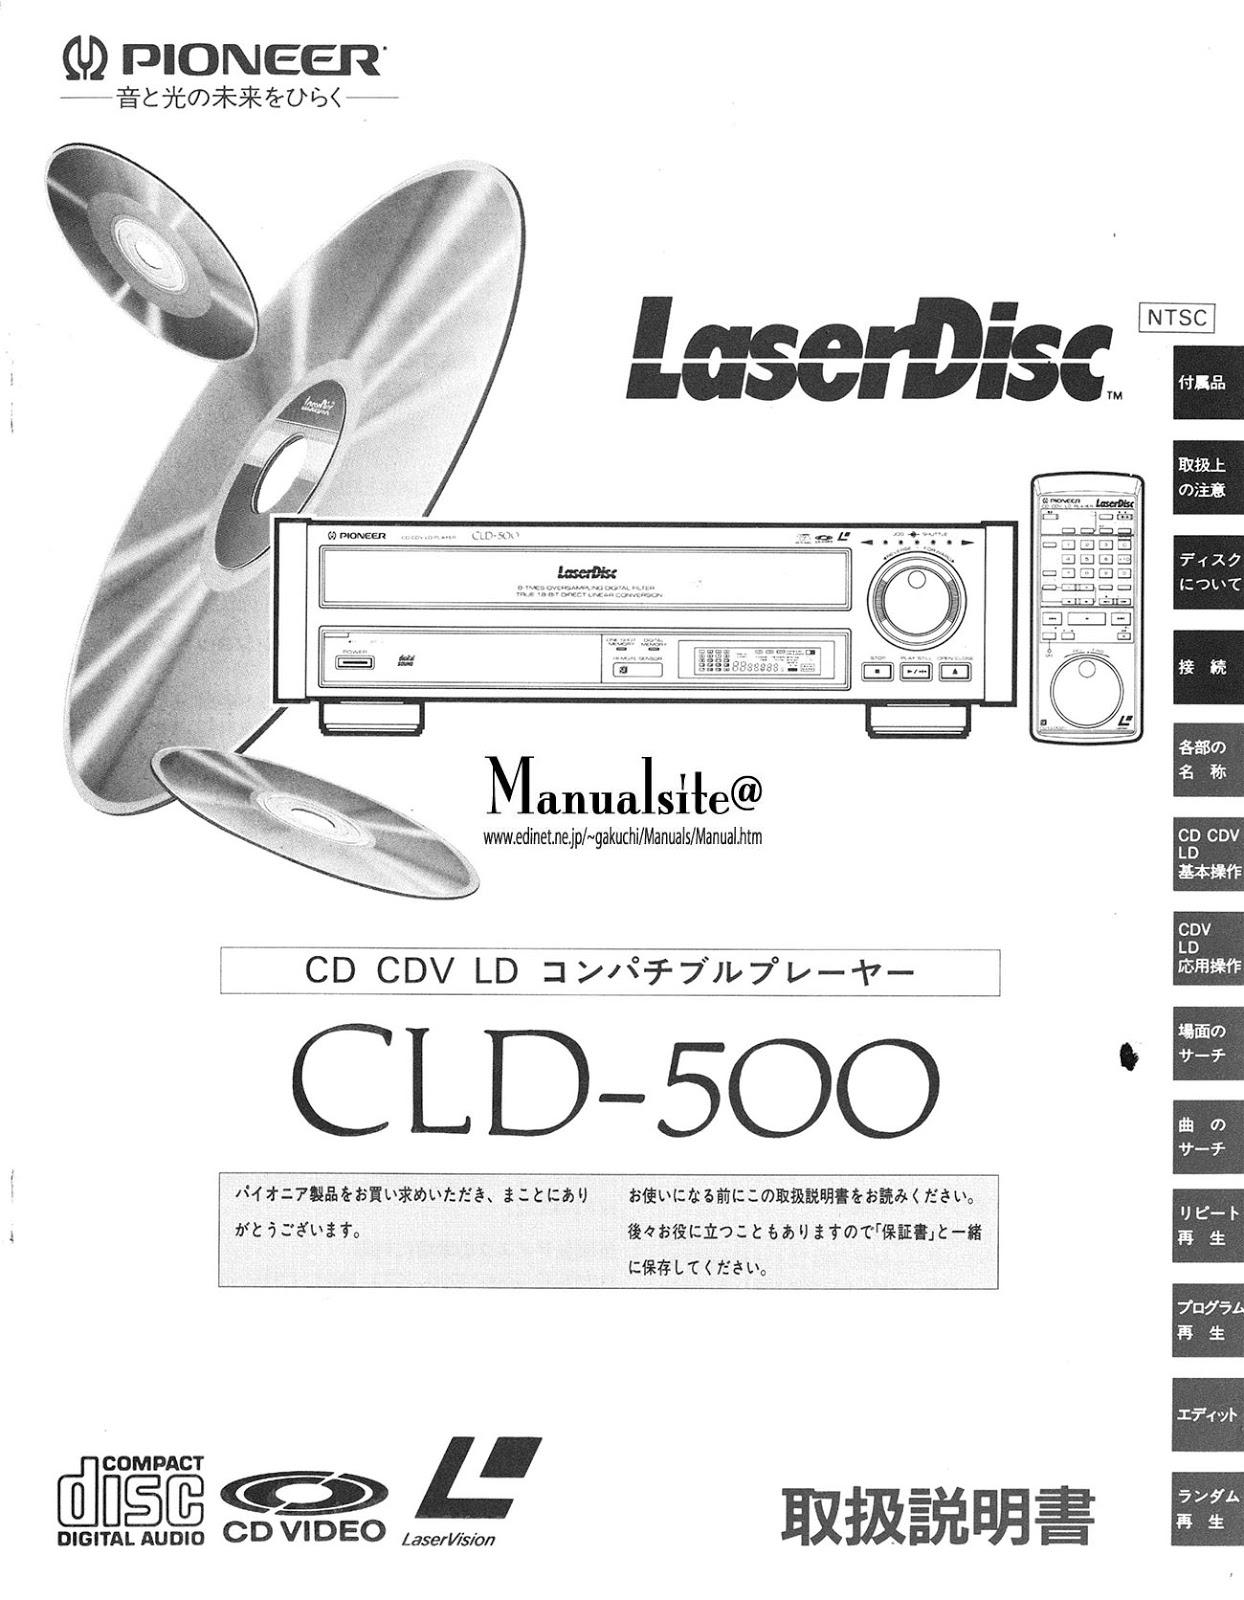 マニュアルサイト詳細館: CLD-500